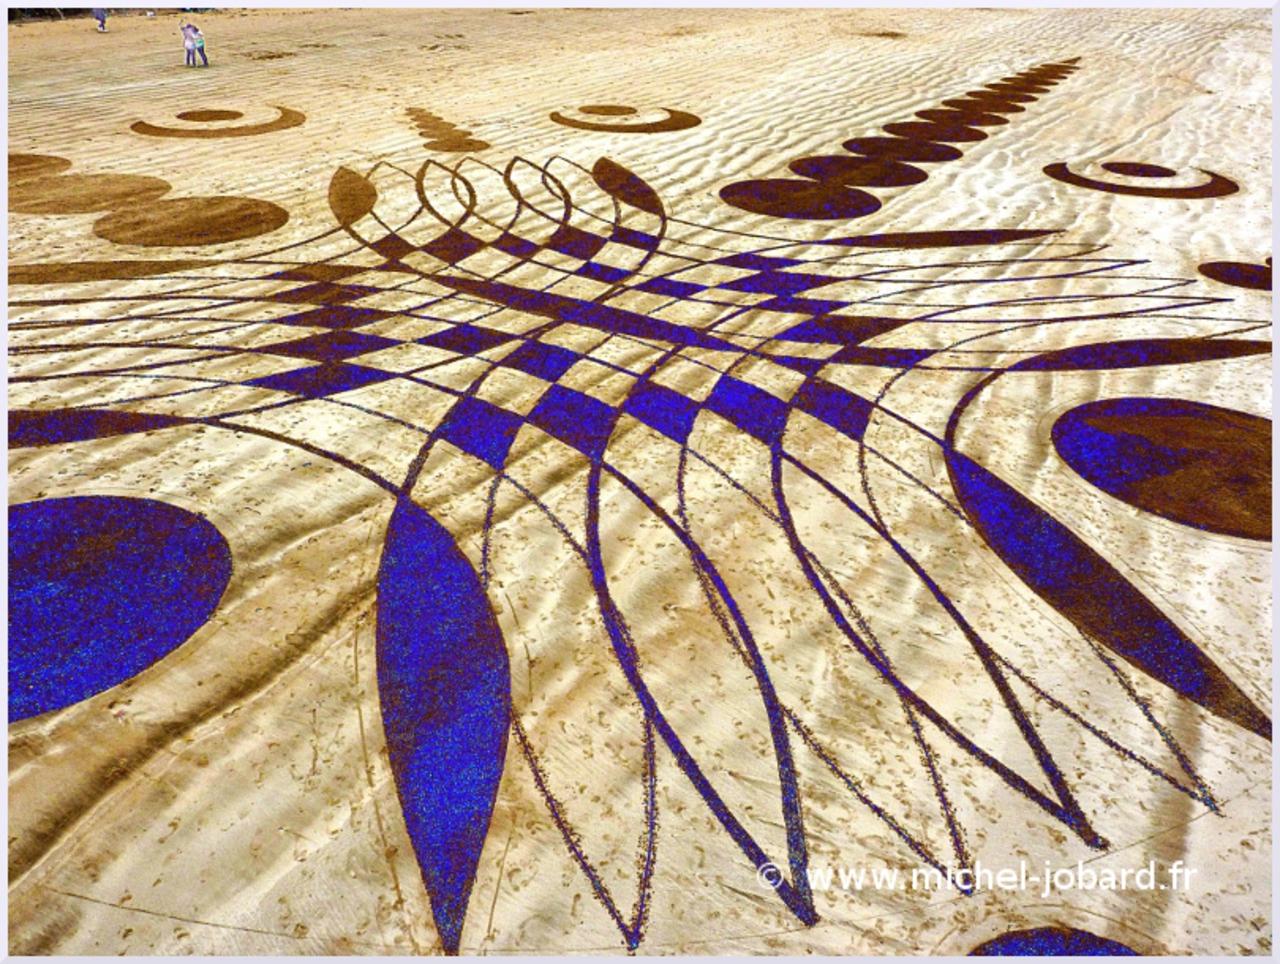 Fresque Beach art Laniakea, Michel Jobard